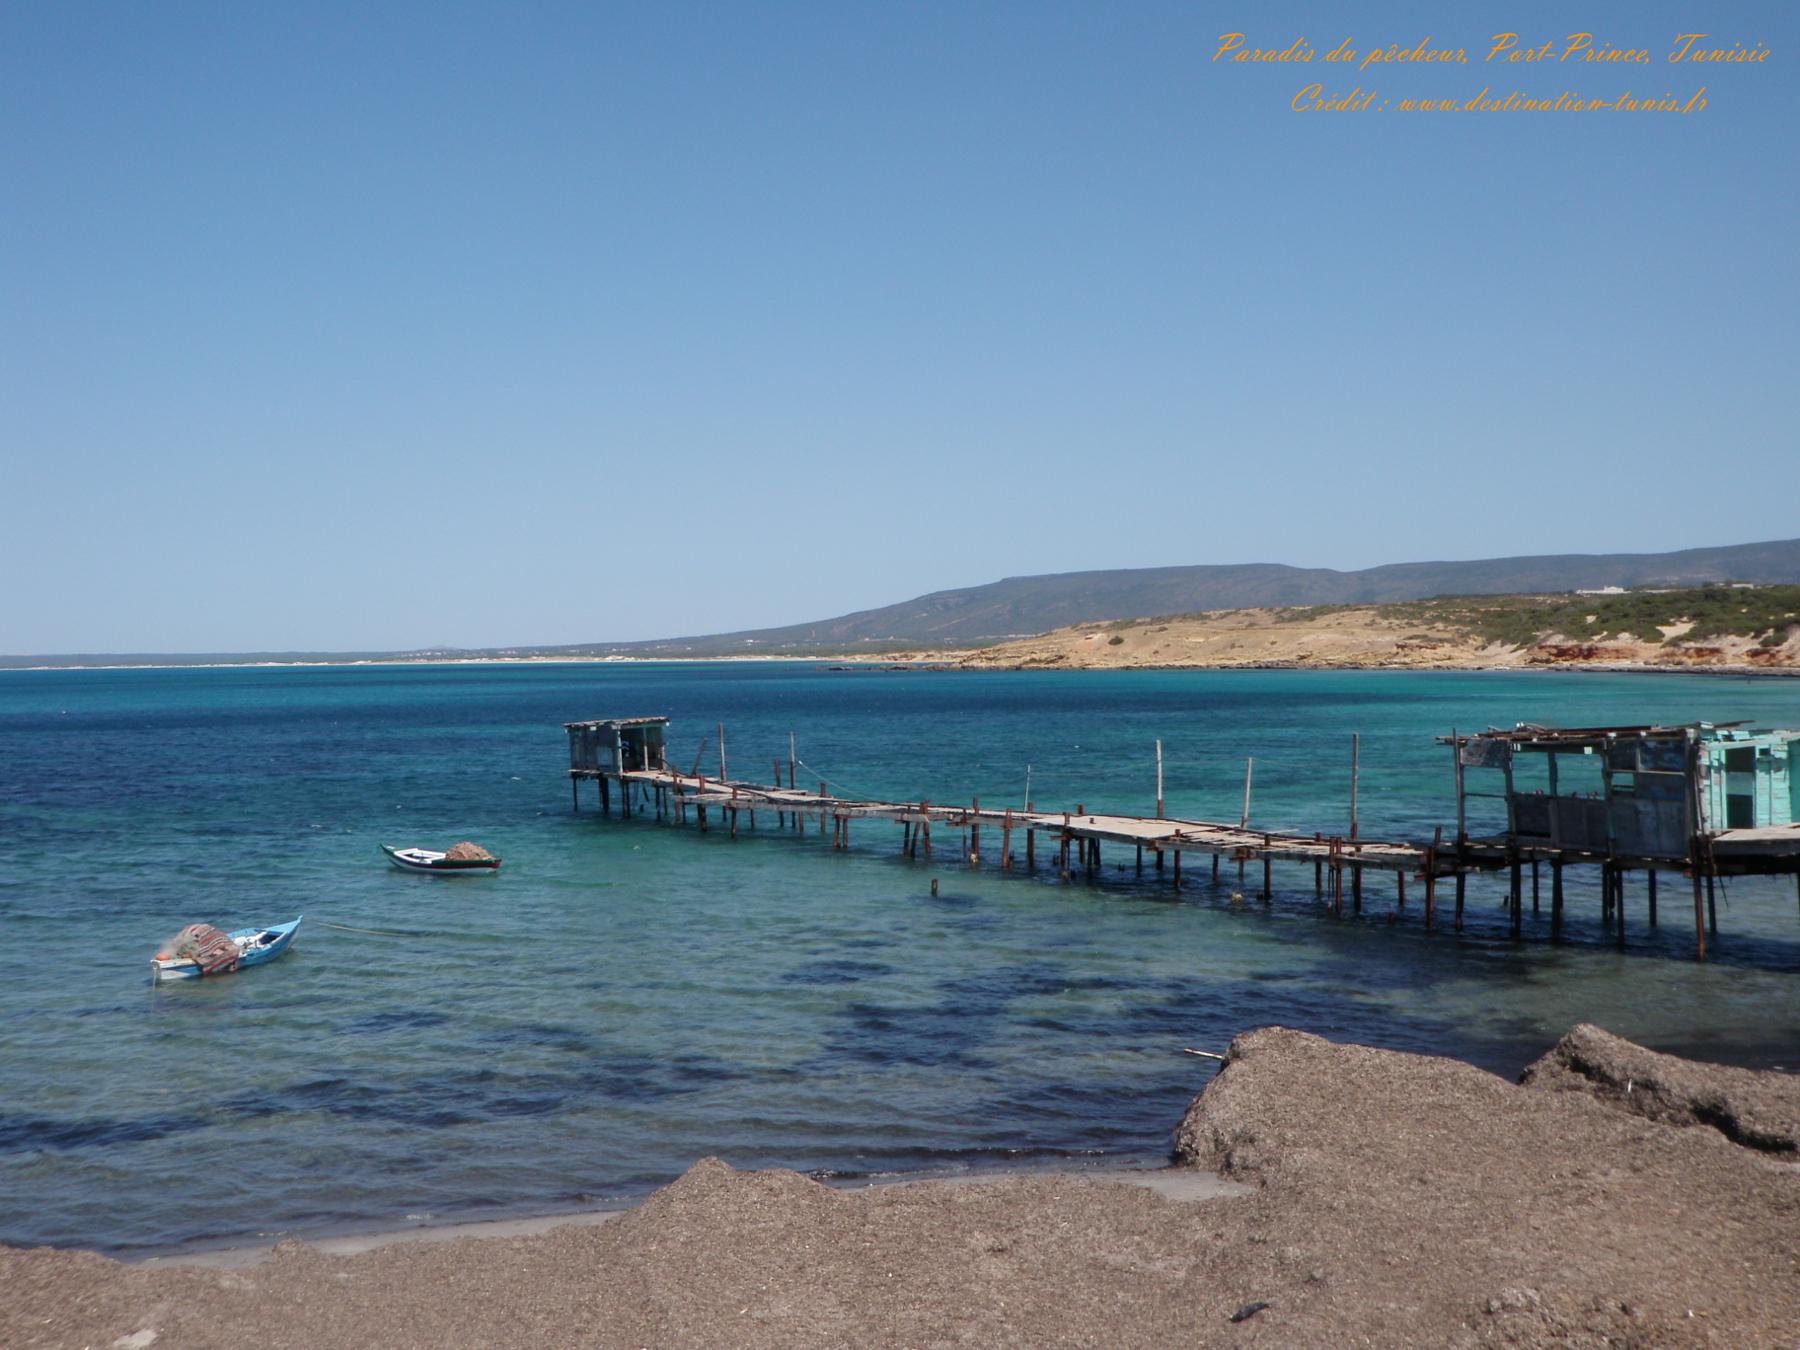 Fonds d'écran Mer et Plages Port Prince Ras Fartass Tunisie